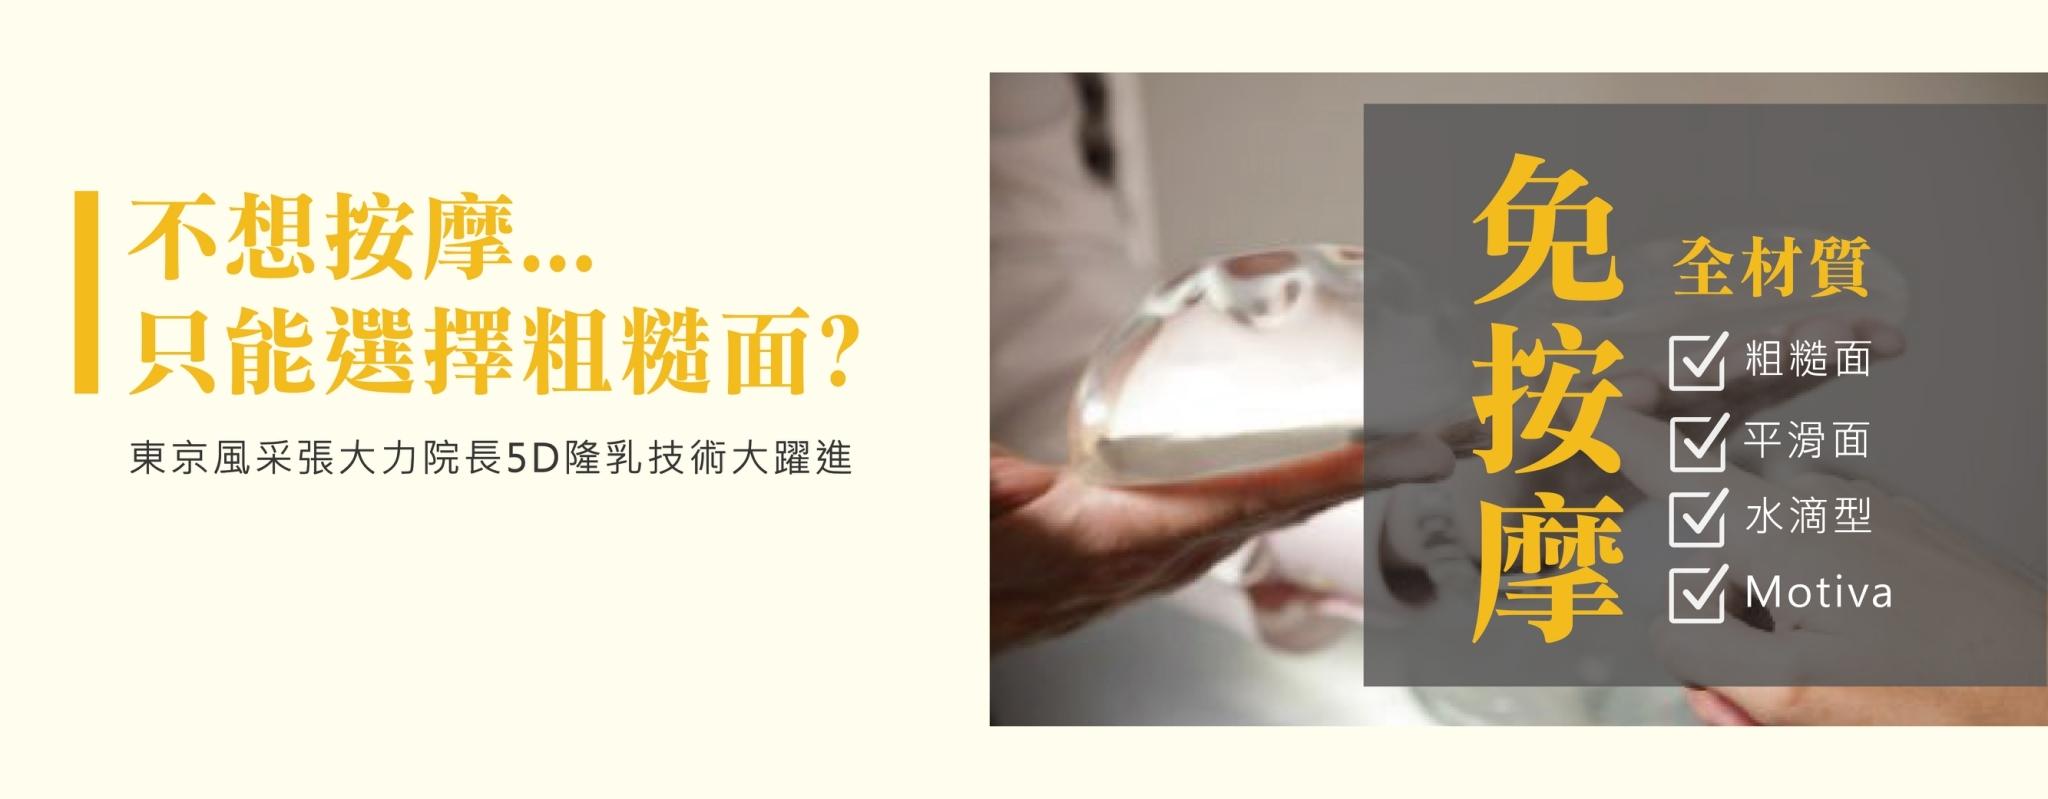 張大力院長5D隆乳技術大躍進-東京風采整形外科診所